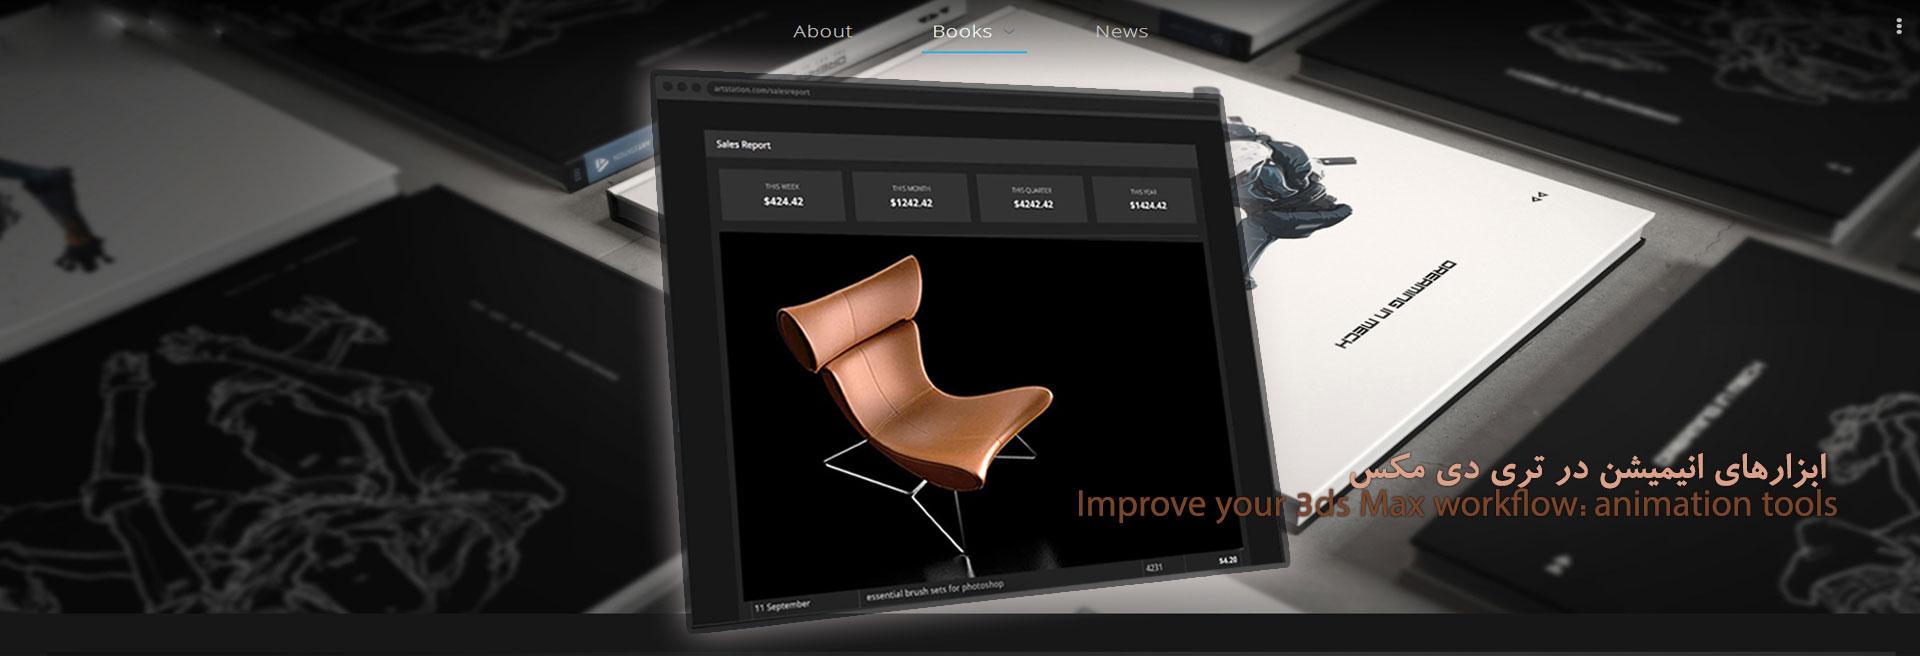 3d animation tools 30 - ابزارهای انیمیشن در تری دی مکس